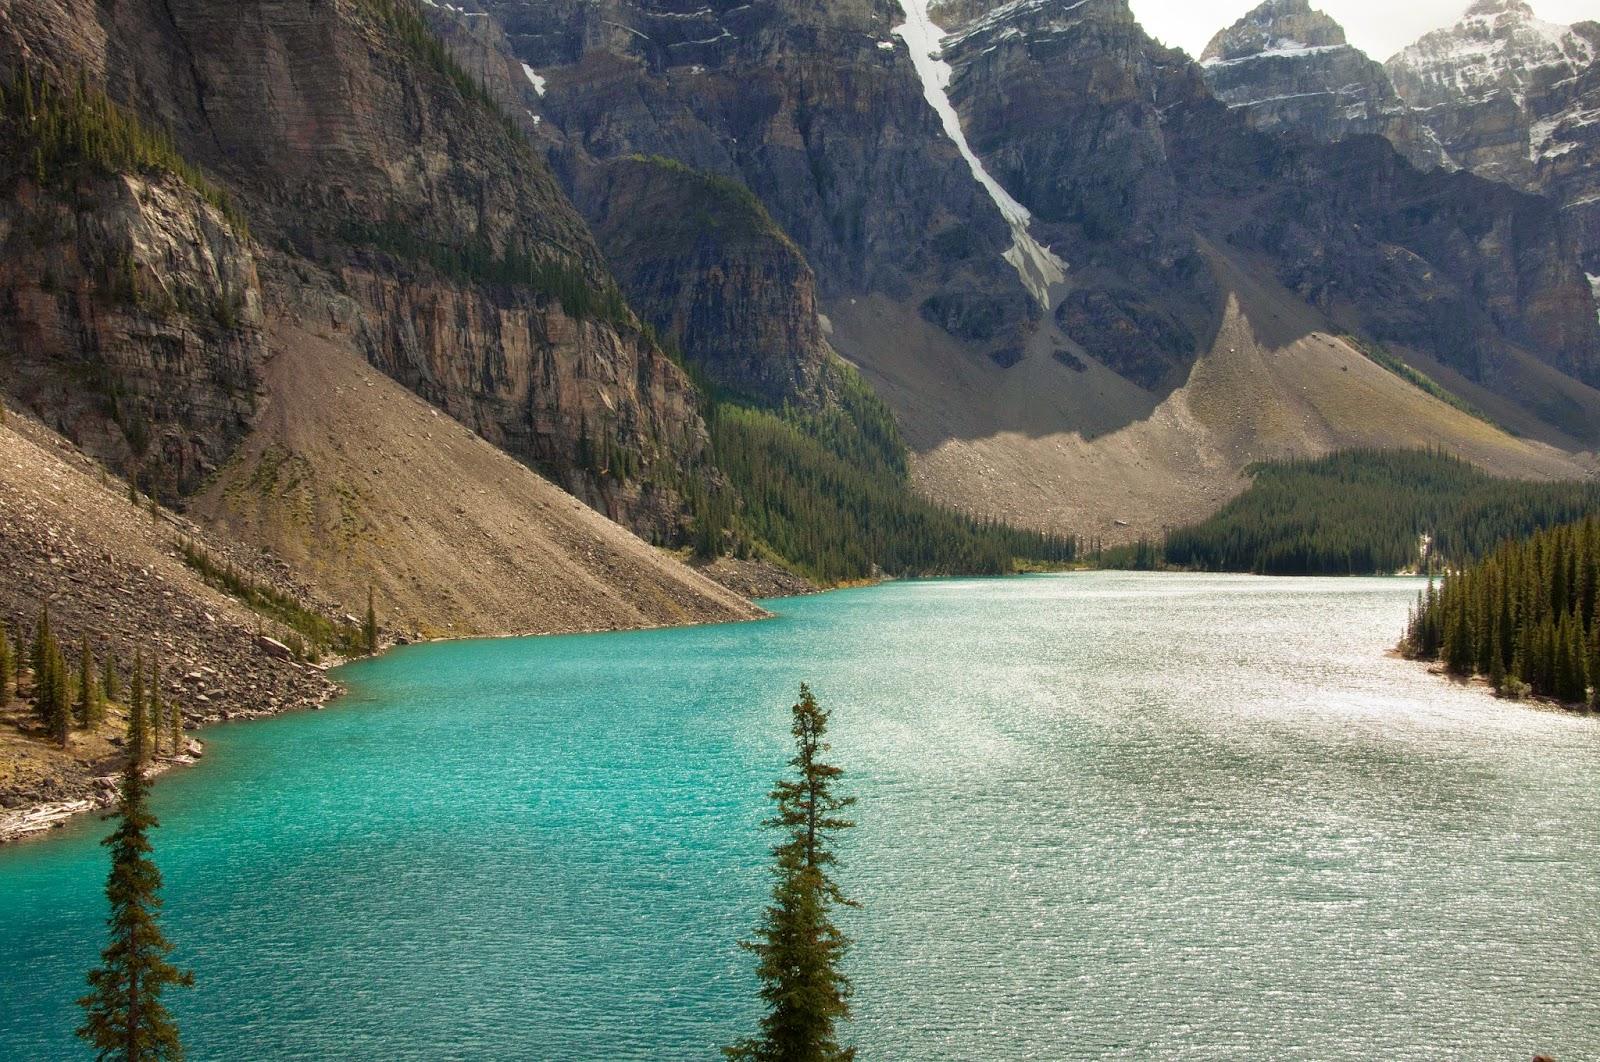 moraine lake in canadian rockies, alberta, canada